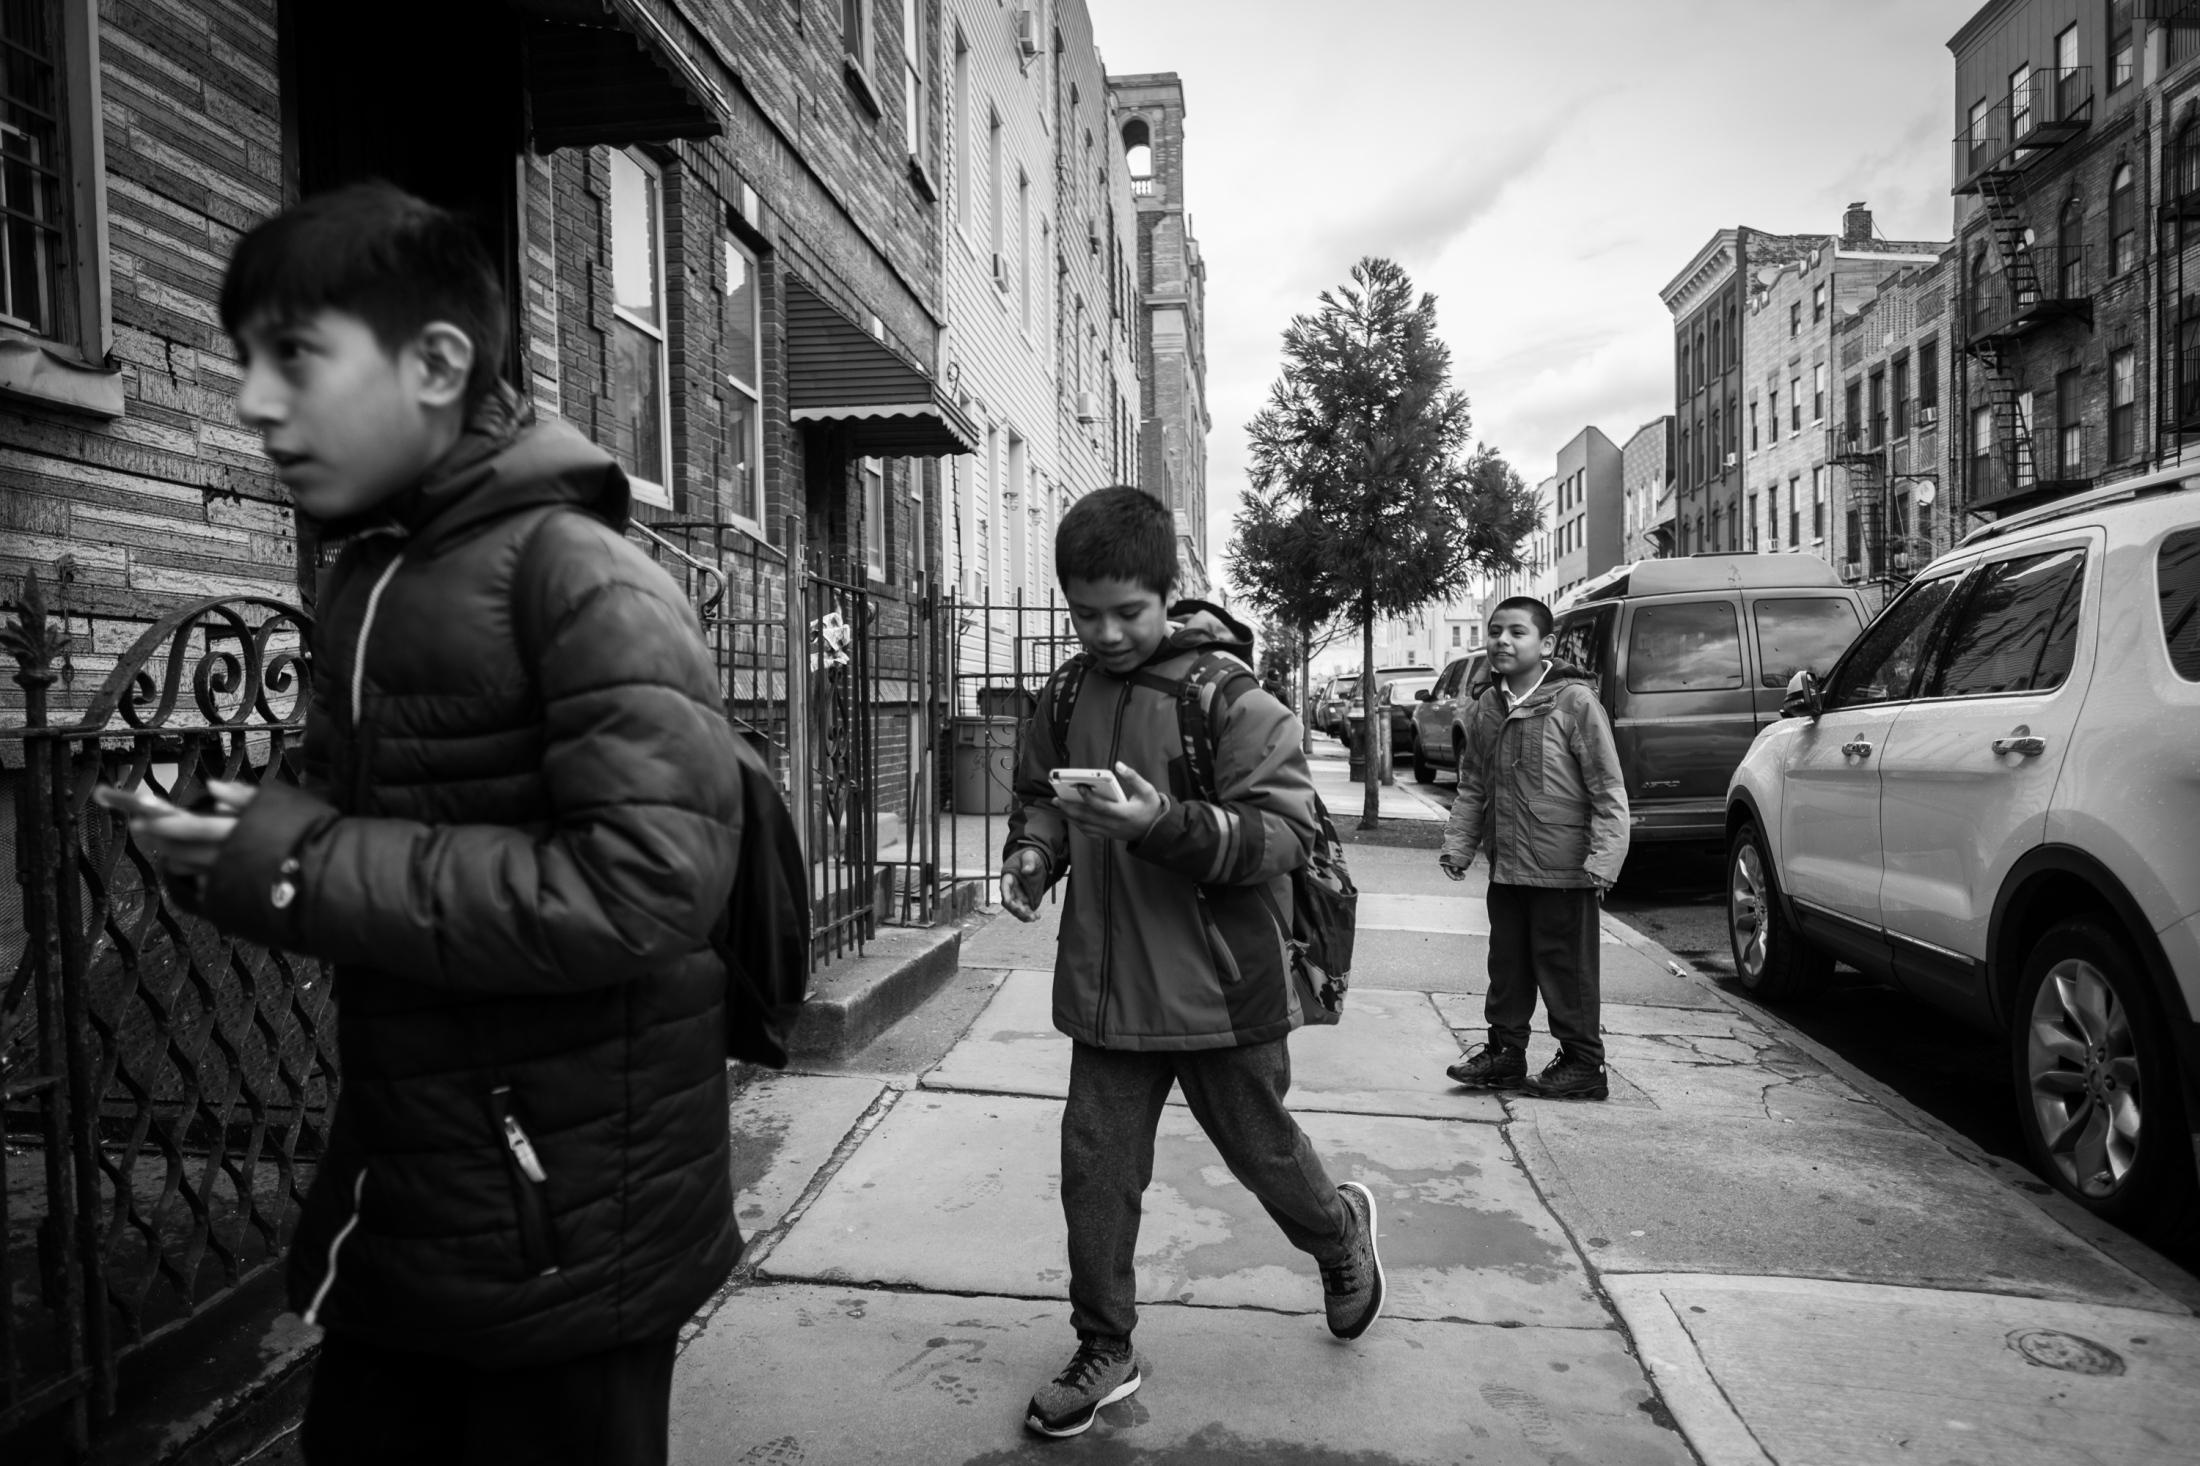 Brooklyn, NY 2018